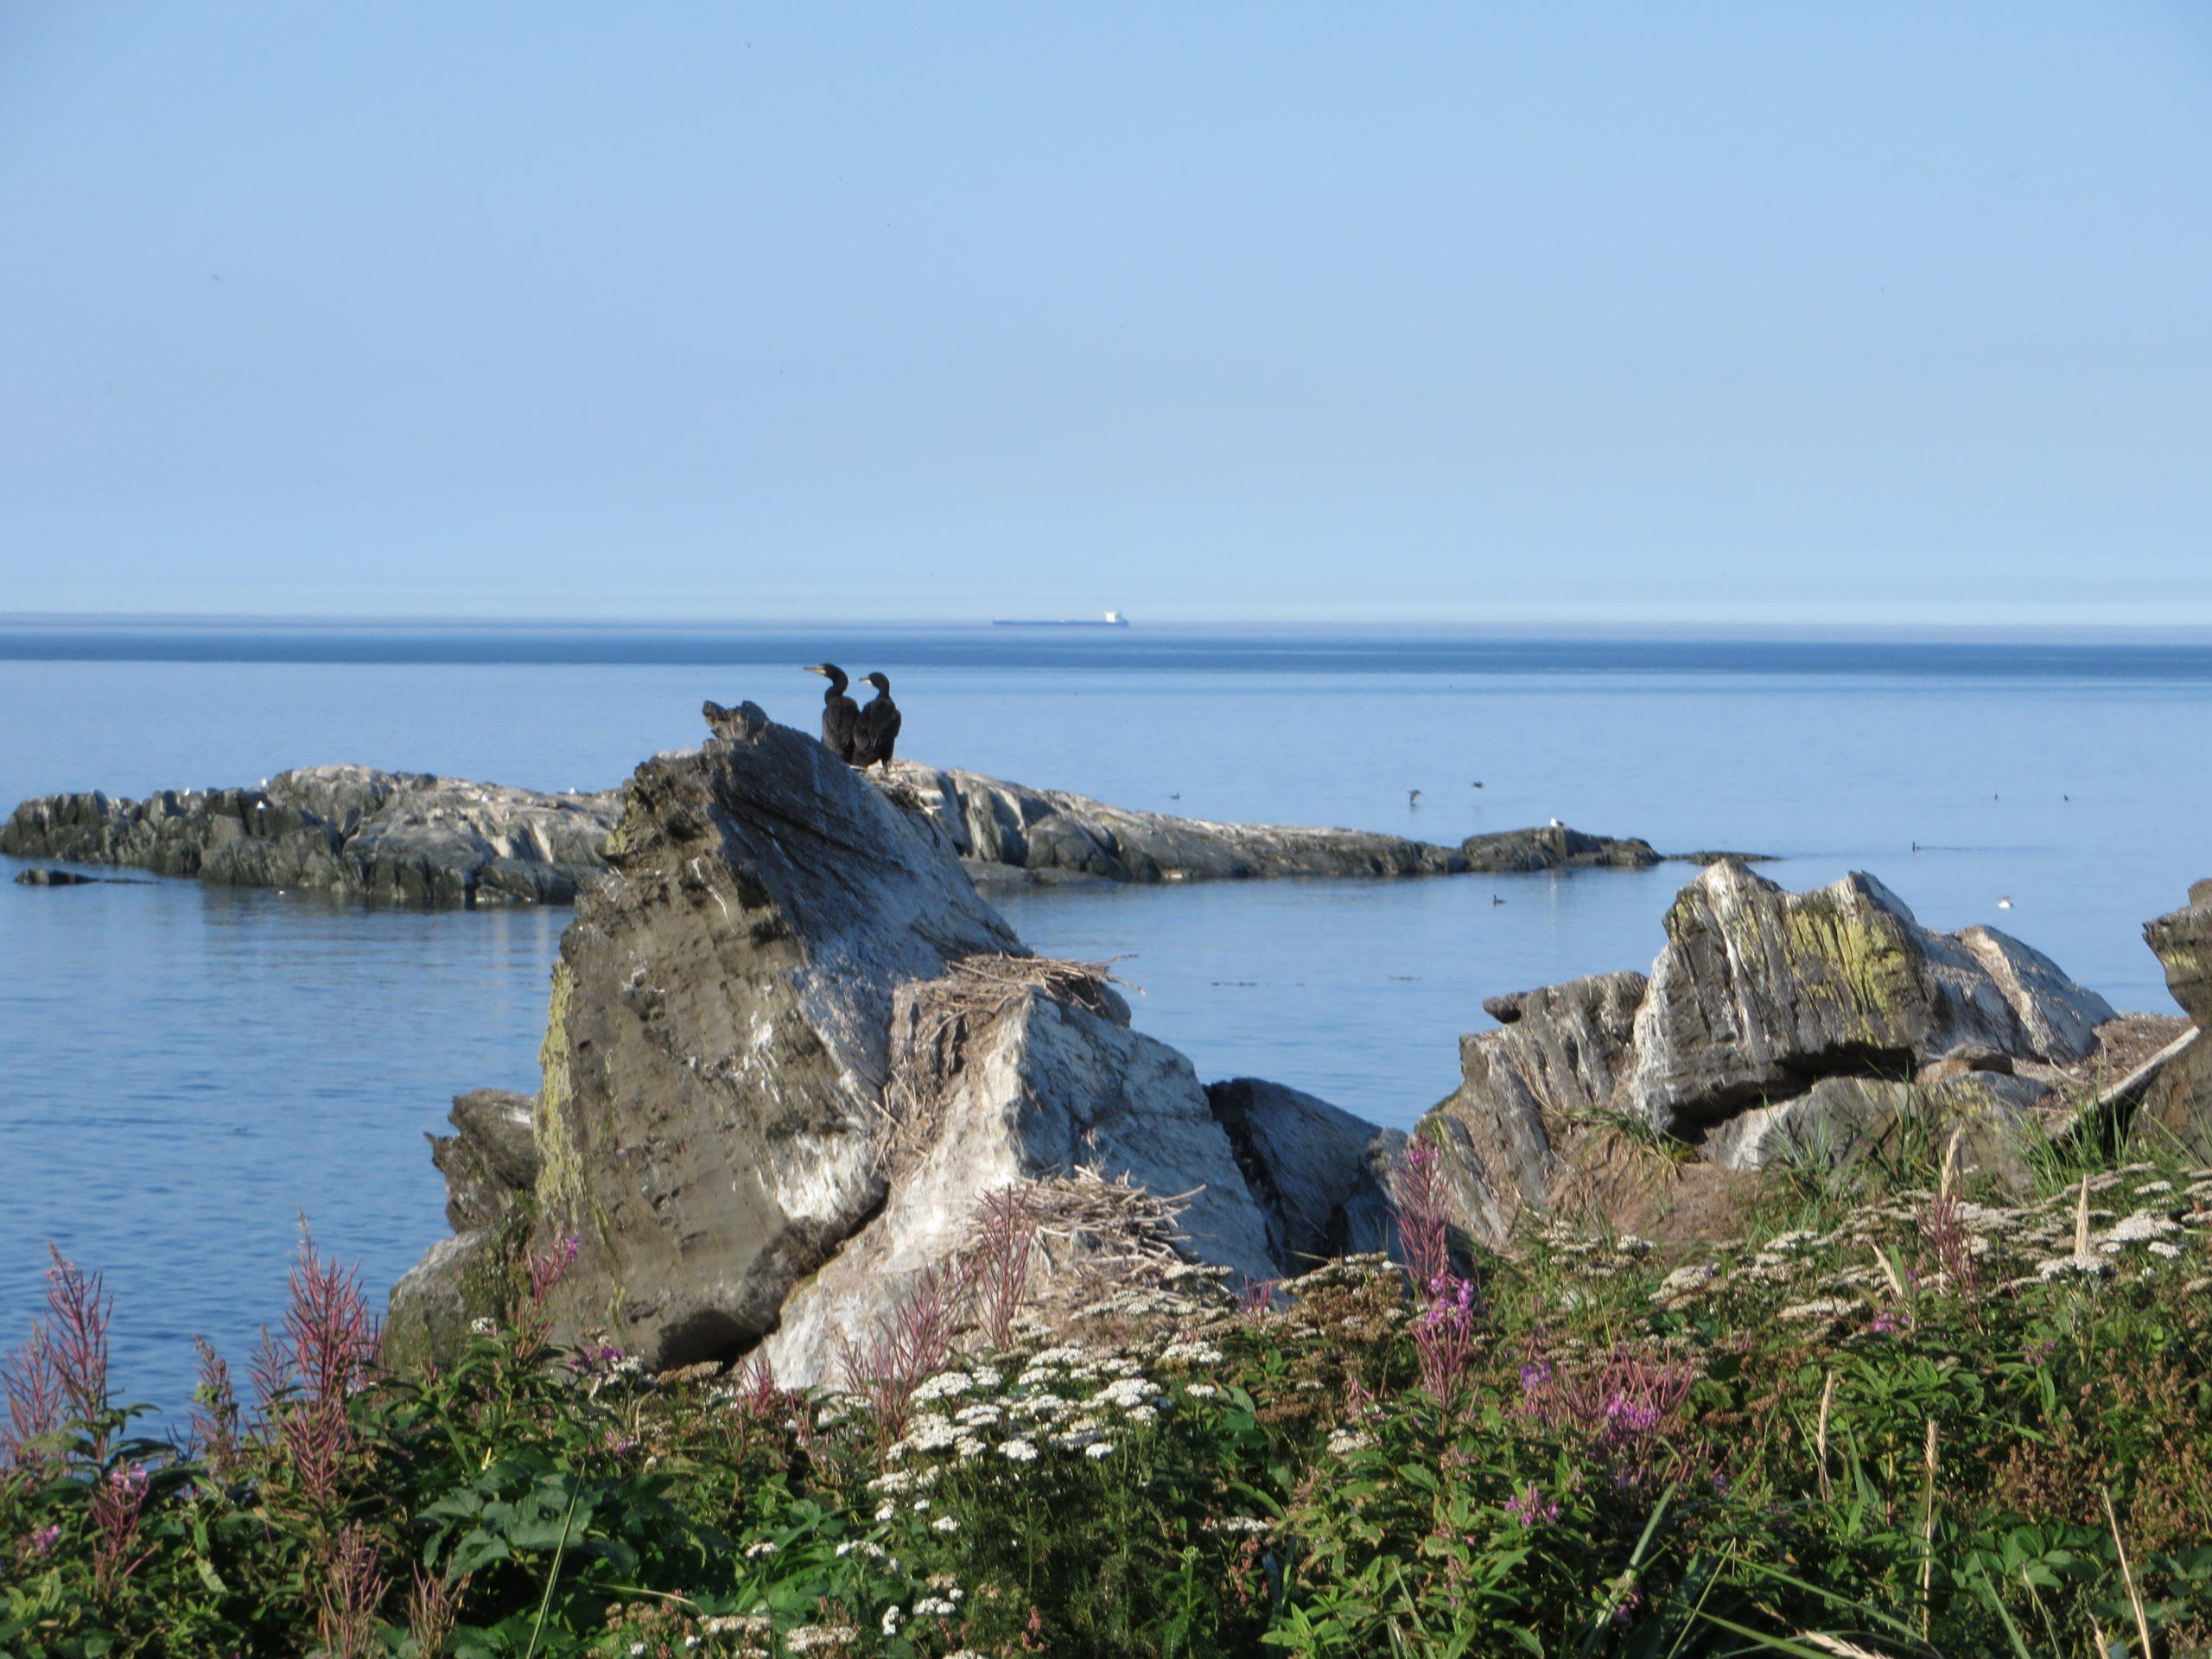 Paysage riverain au Parc naturel et historique de l'Île aux Basques (Photo: Réhaume Courtois)